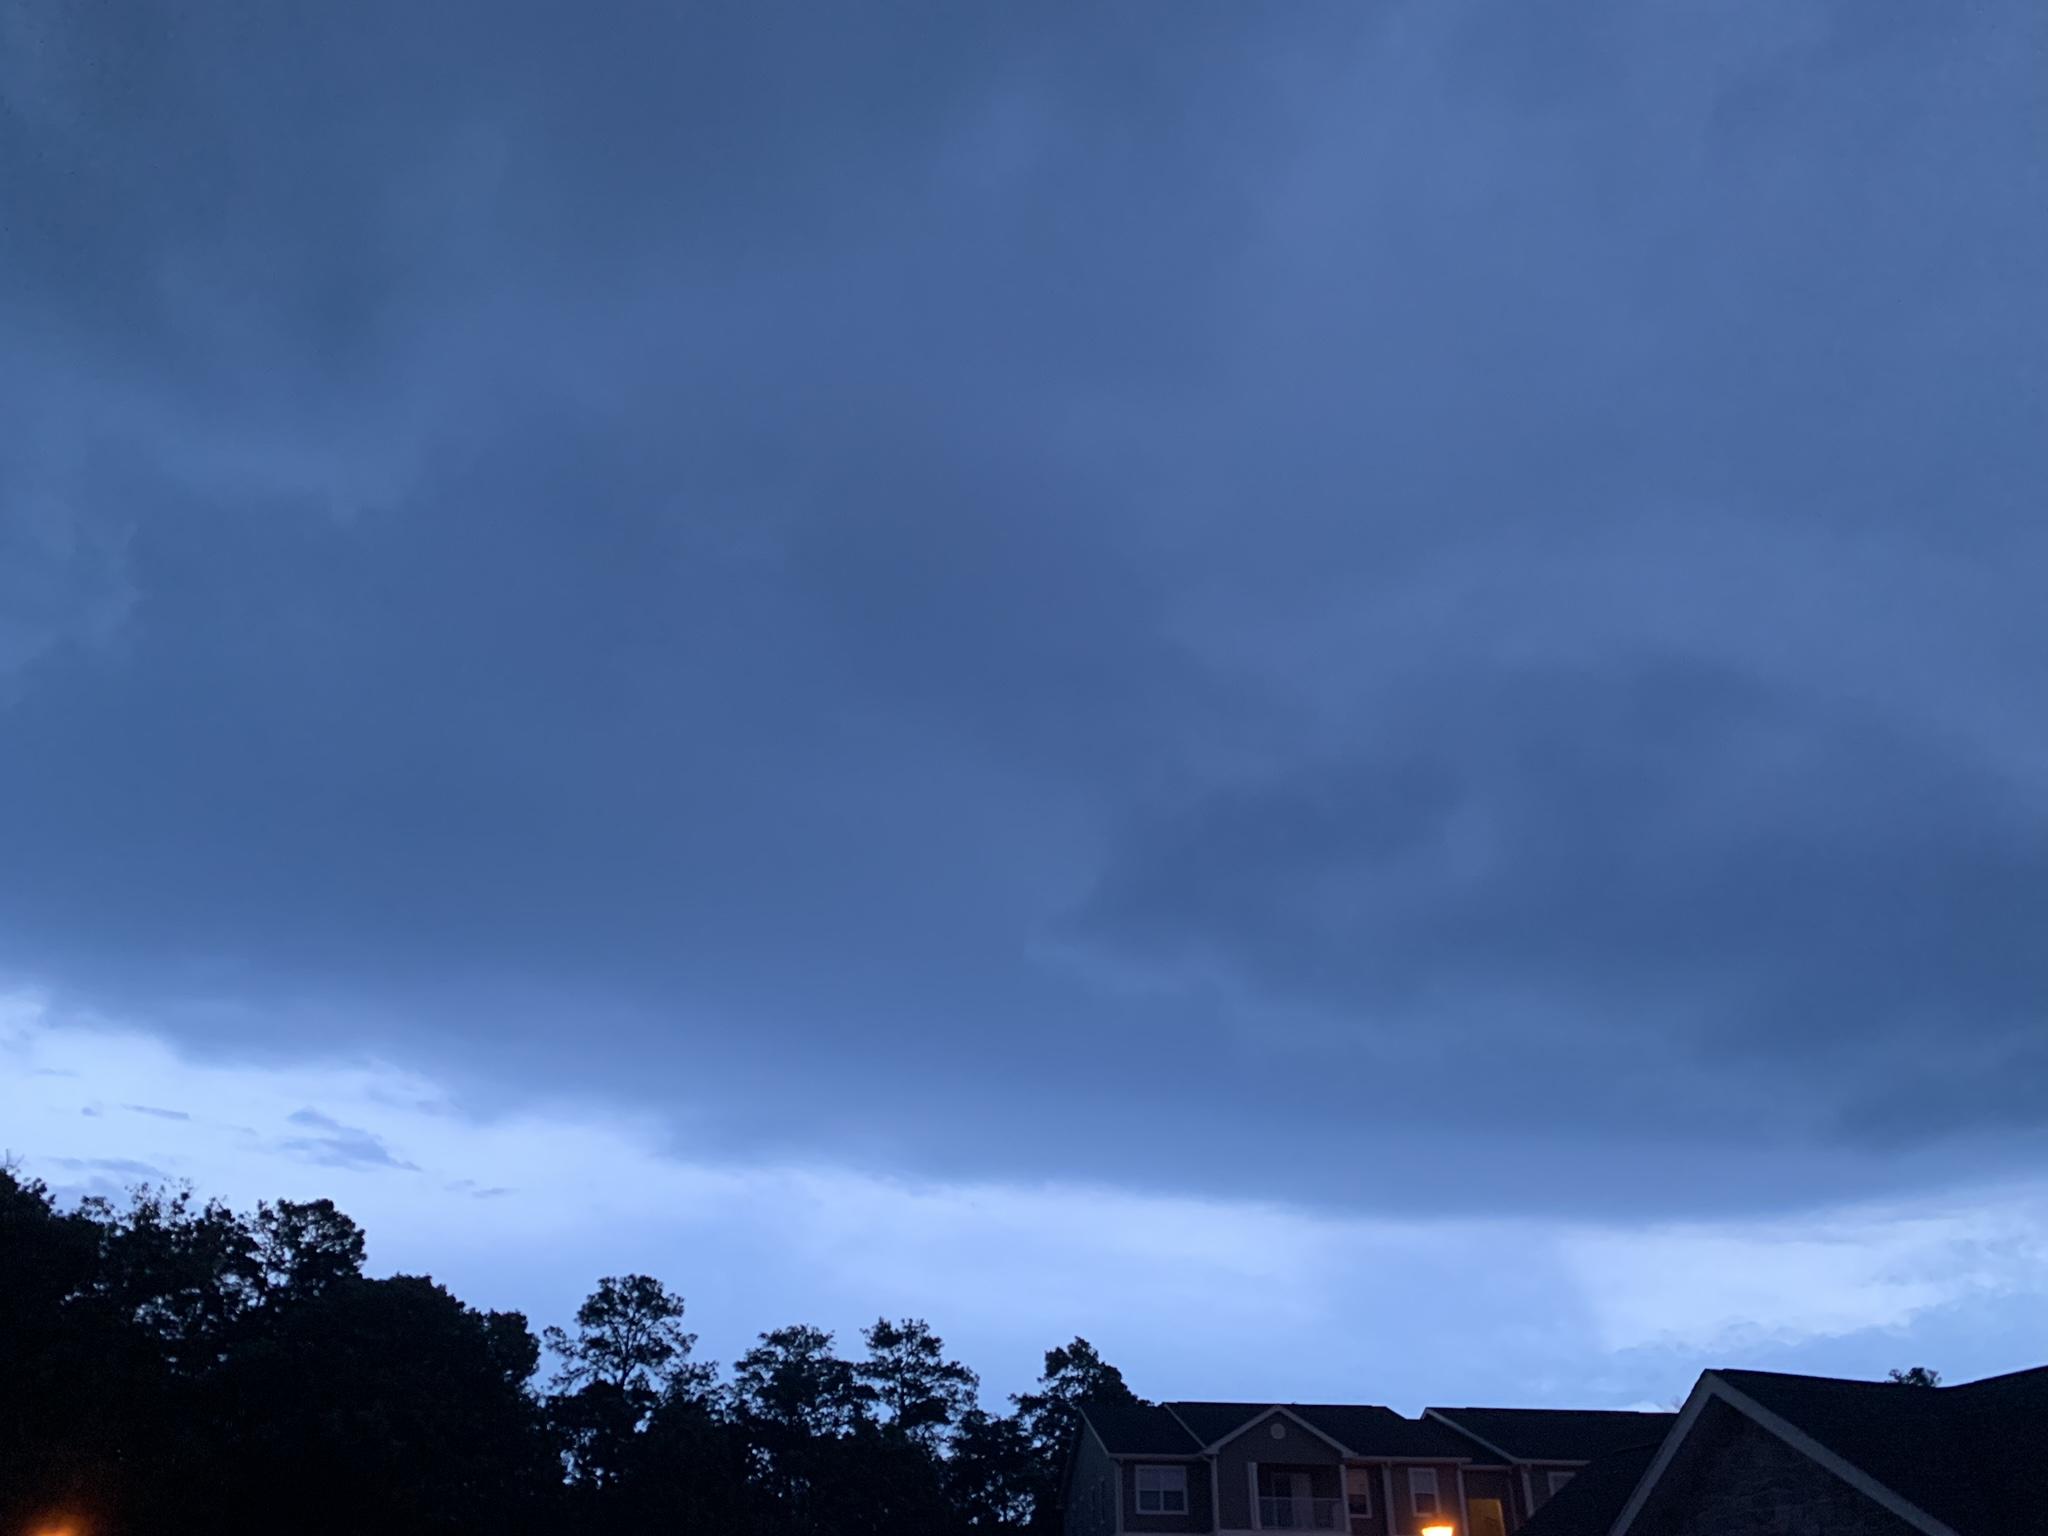 Shelf cloud. Delmar, Maryland.